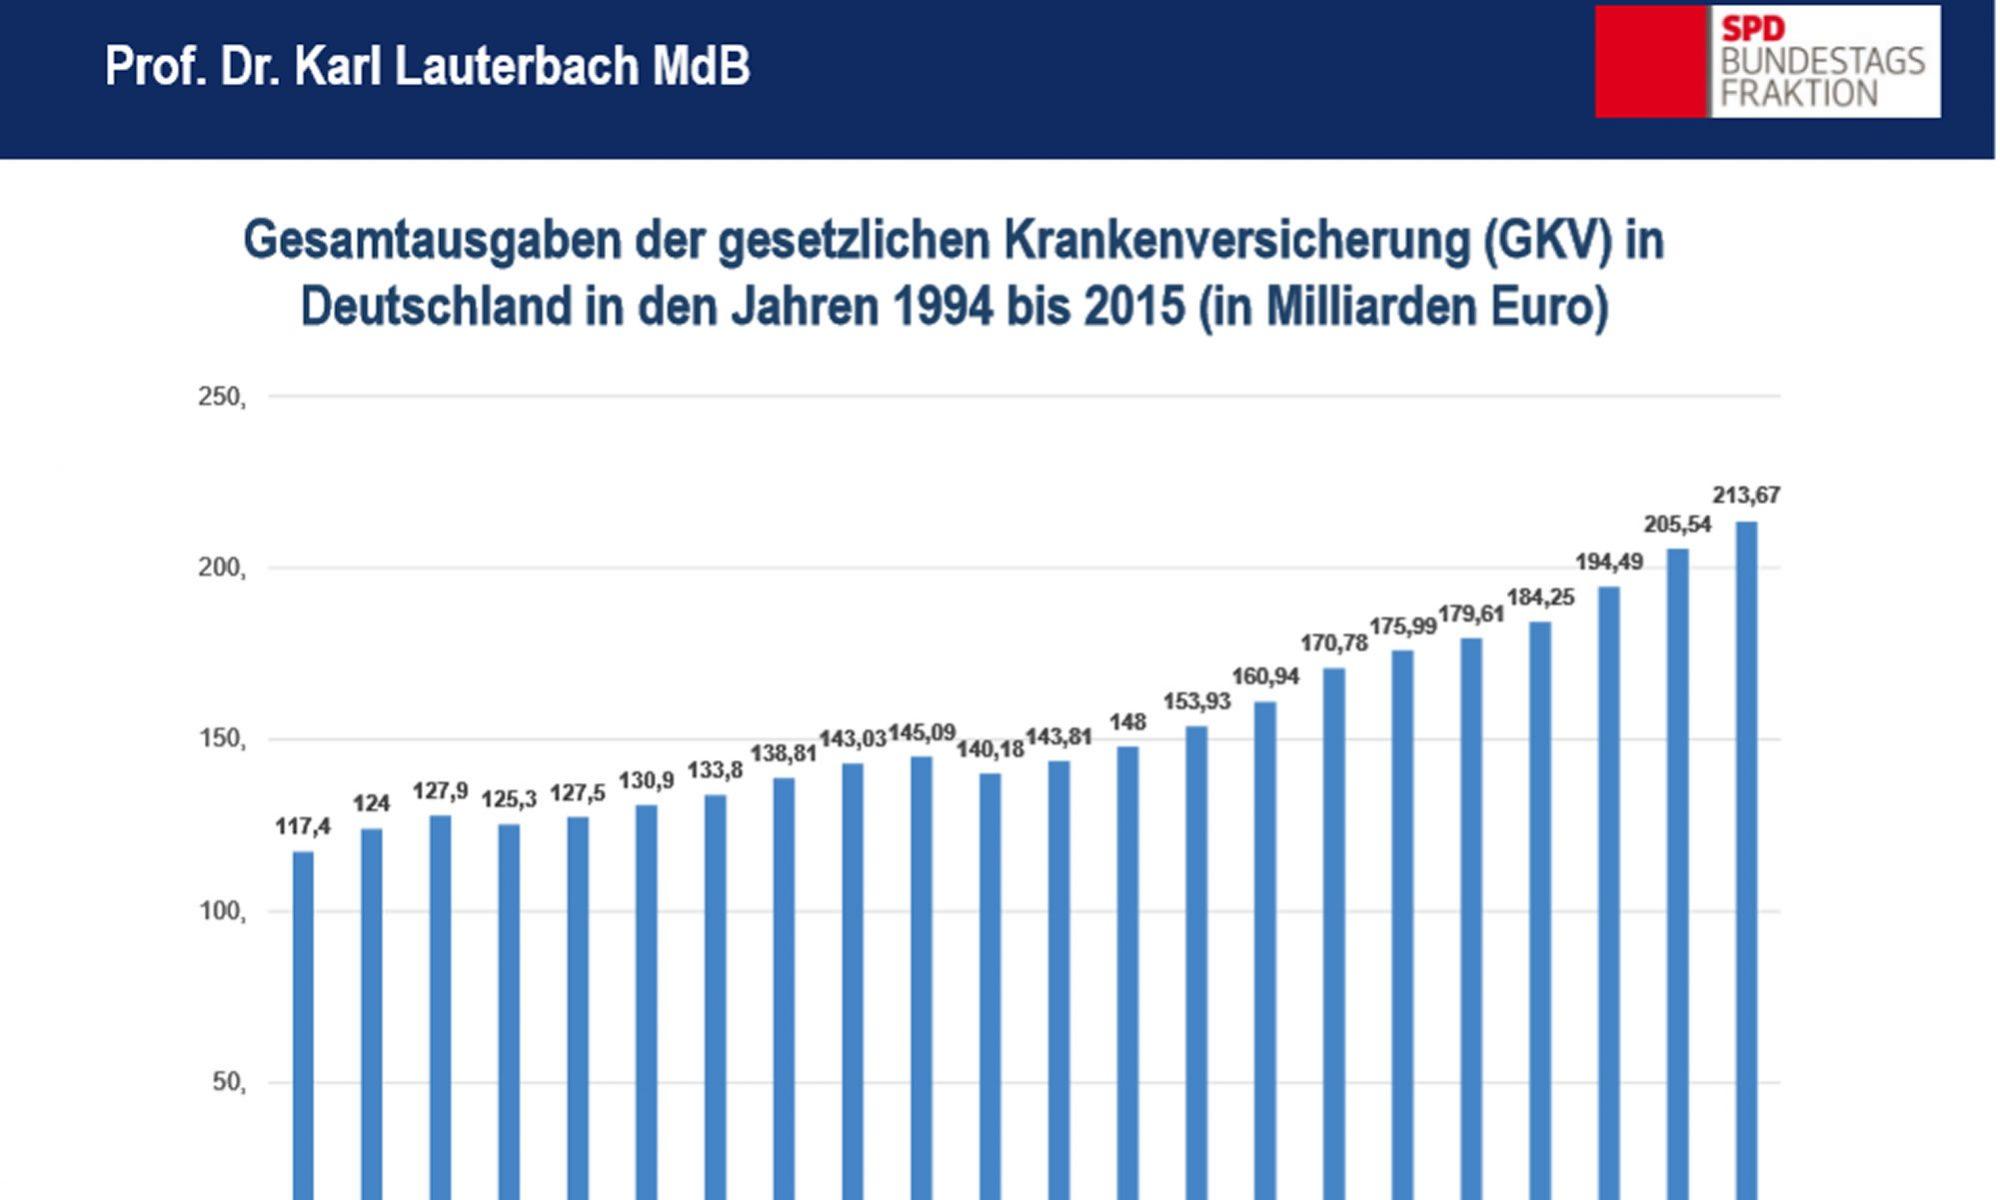 Daten und Fakten von Karl Lauterbach